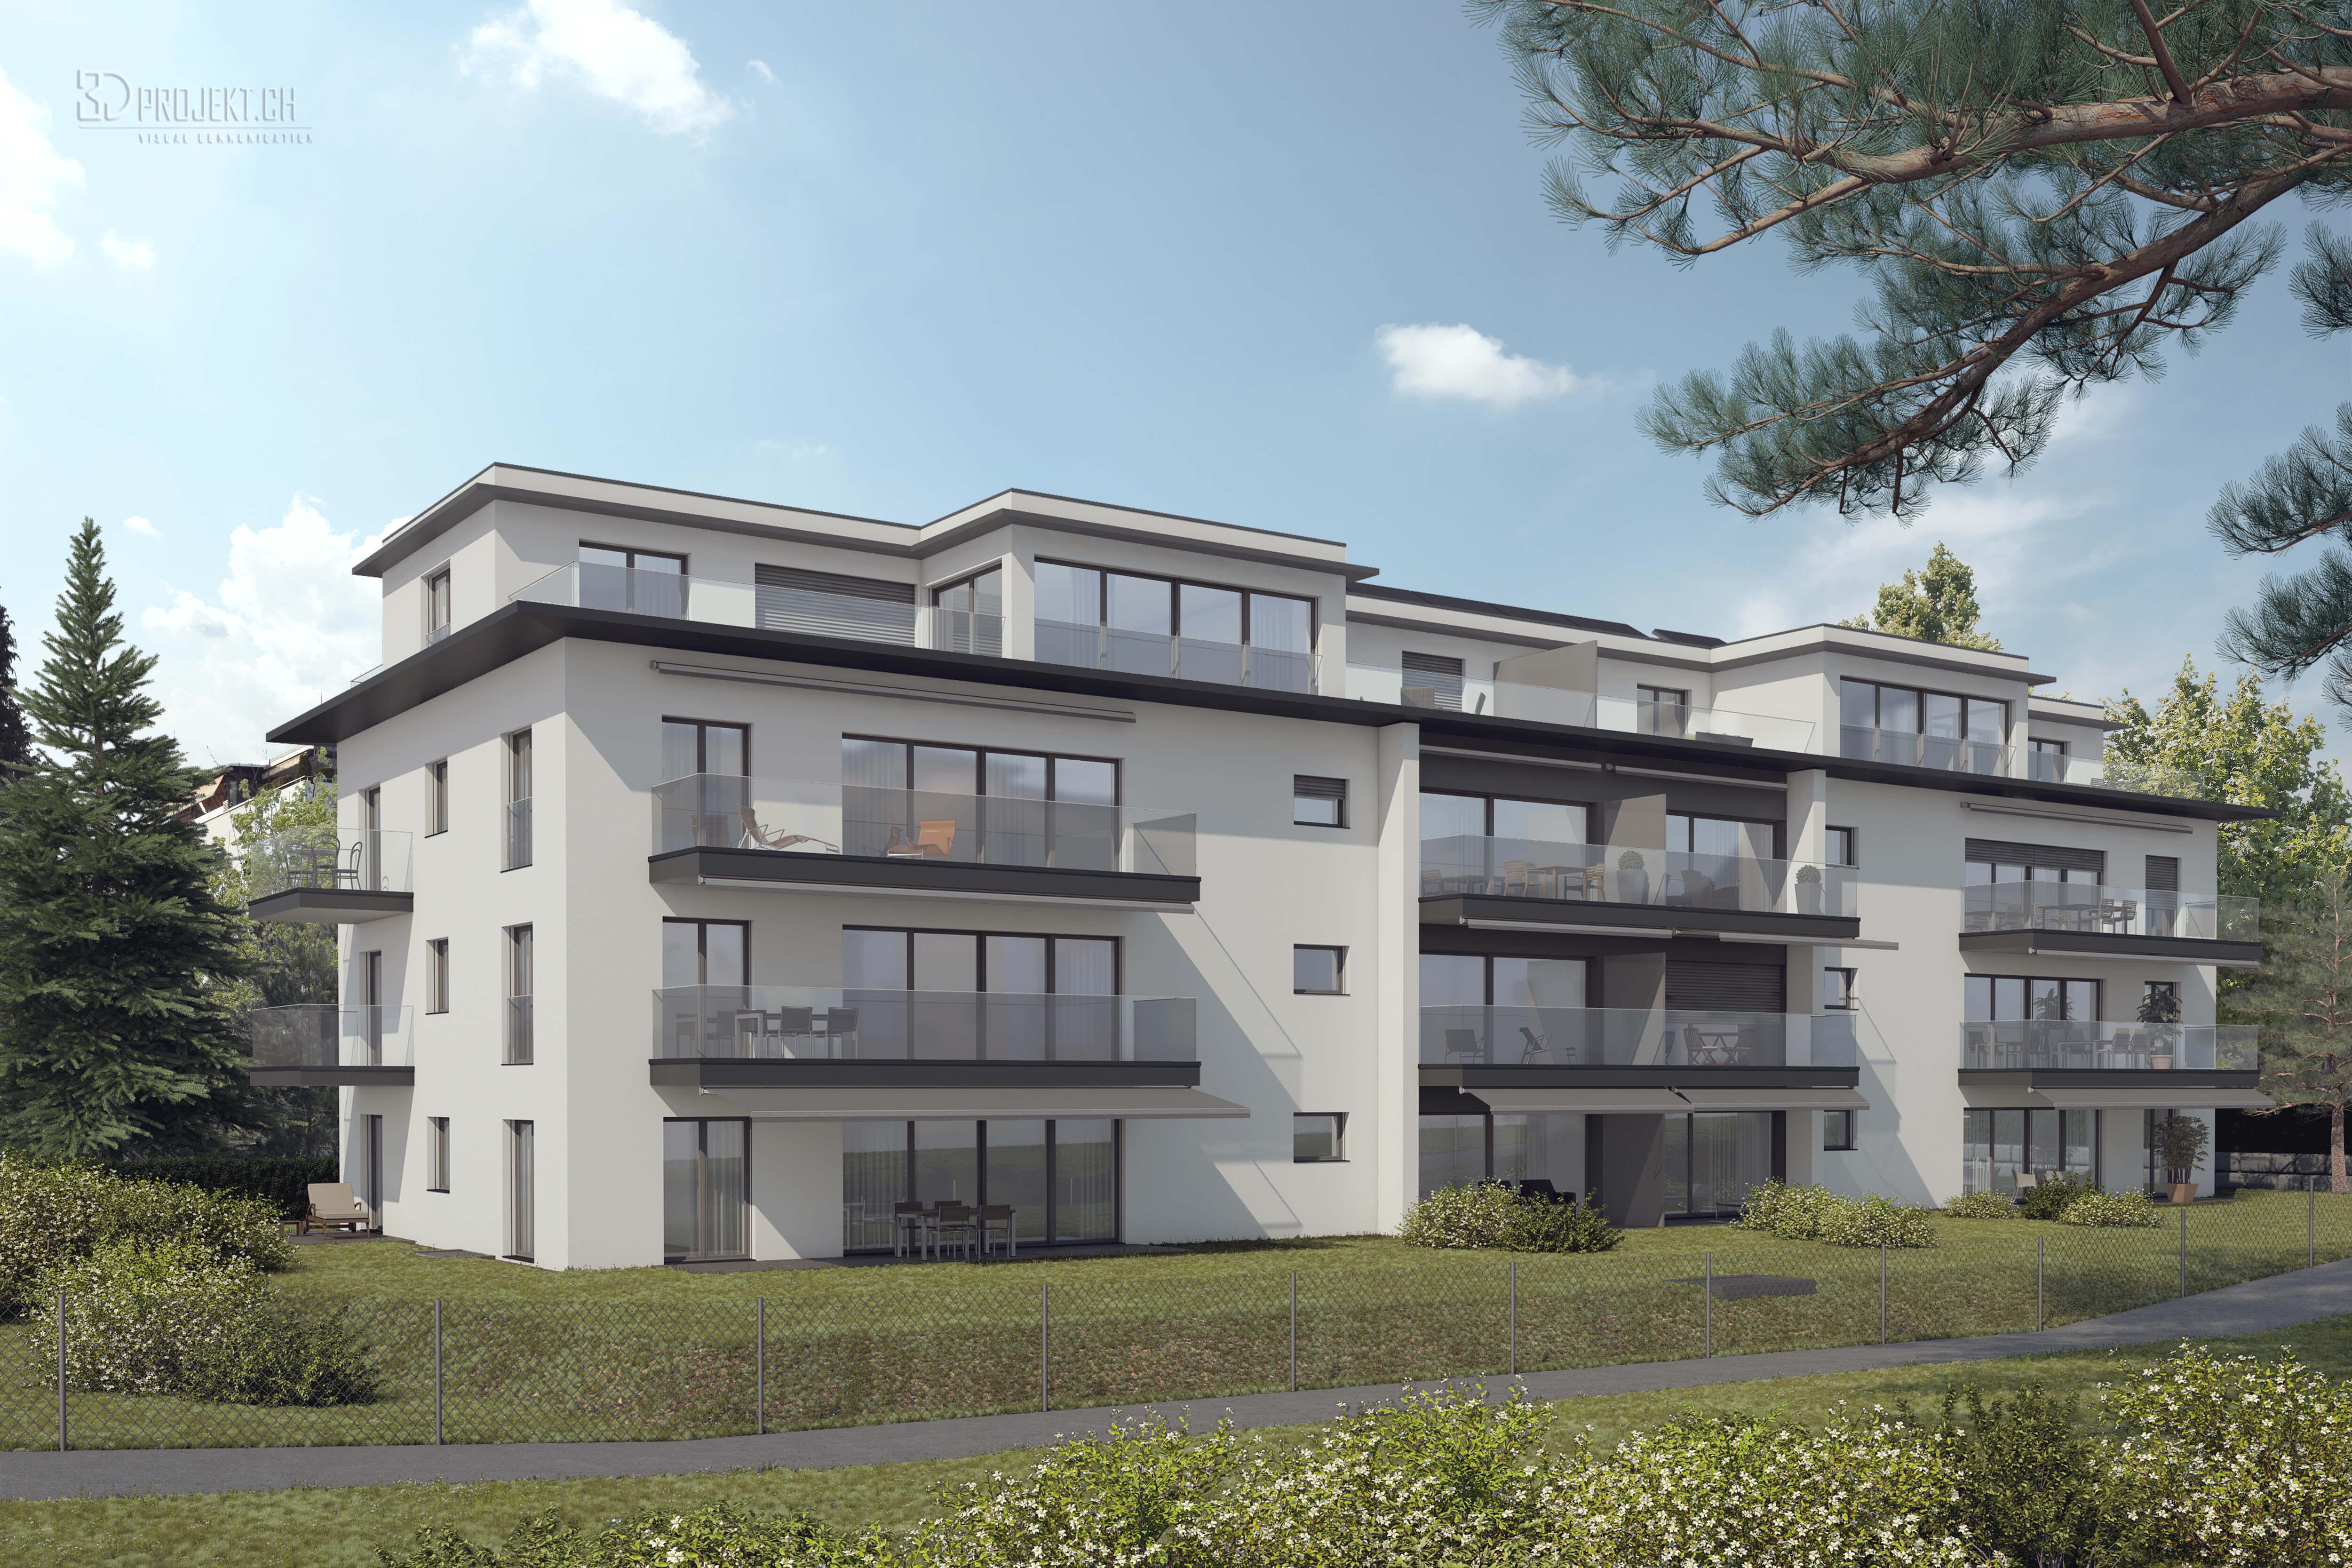 Neubau mehrfamilienhaus an der alten zihlstrasse in hinwil for Mehrfamilienhaus neubau